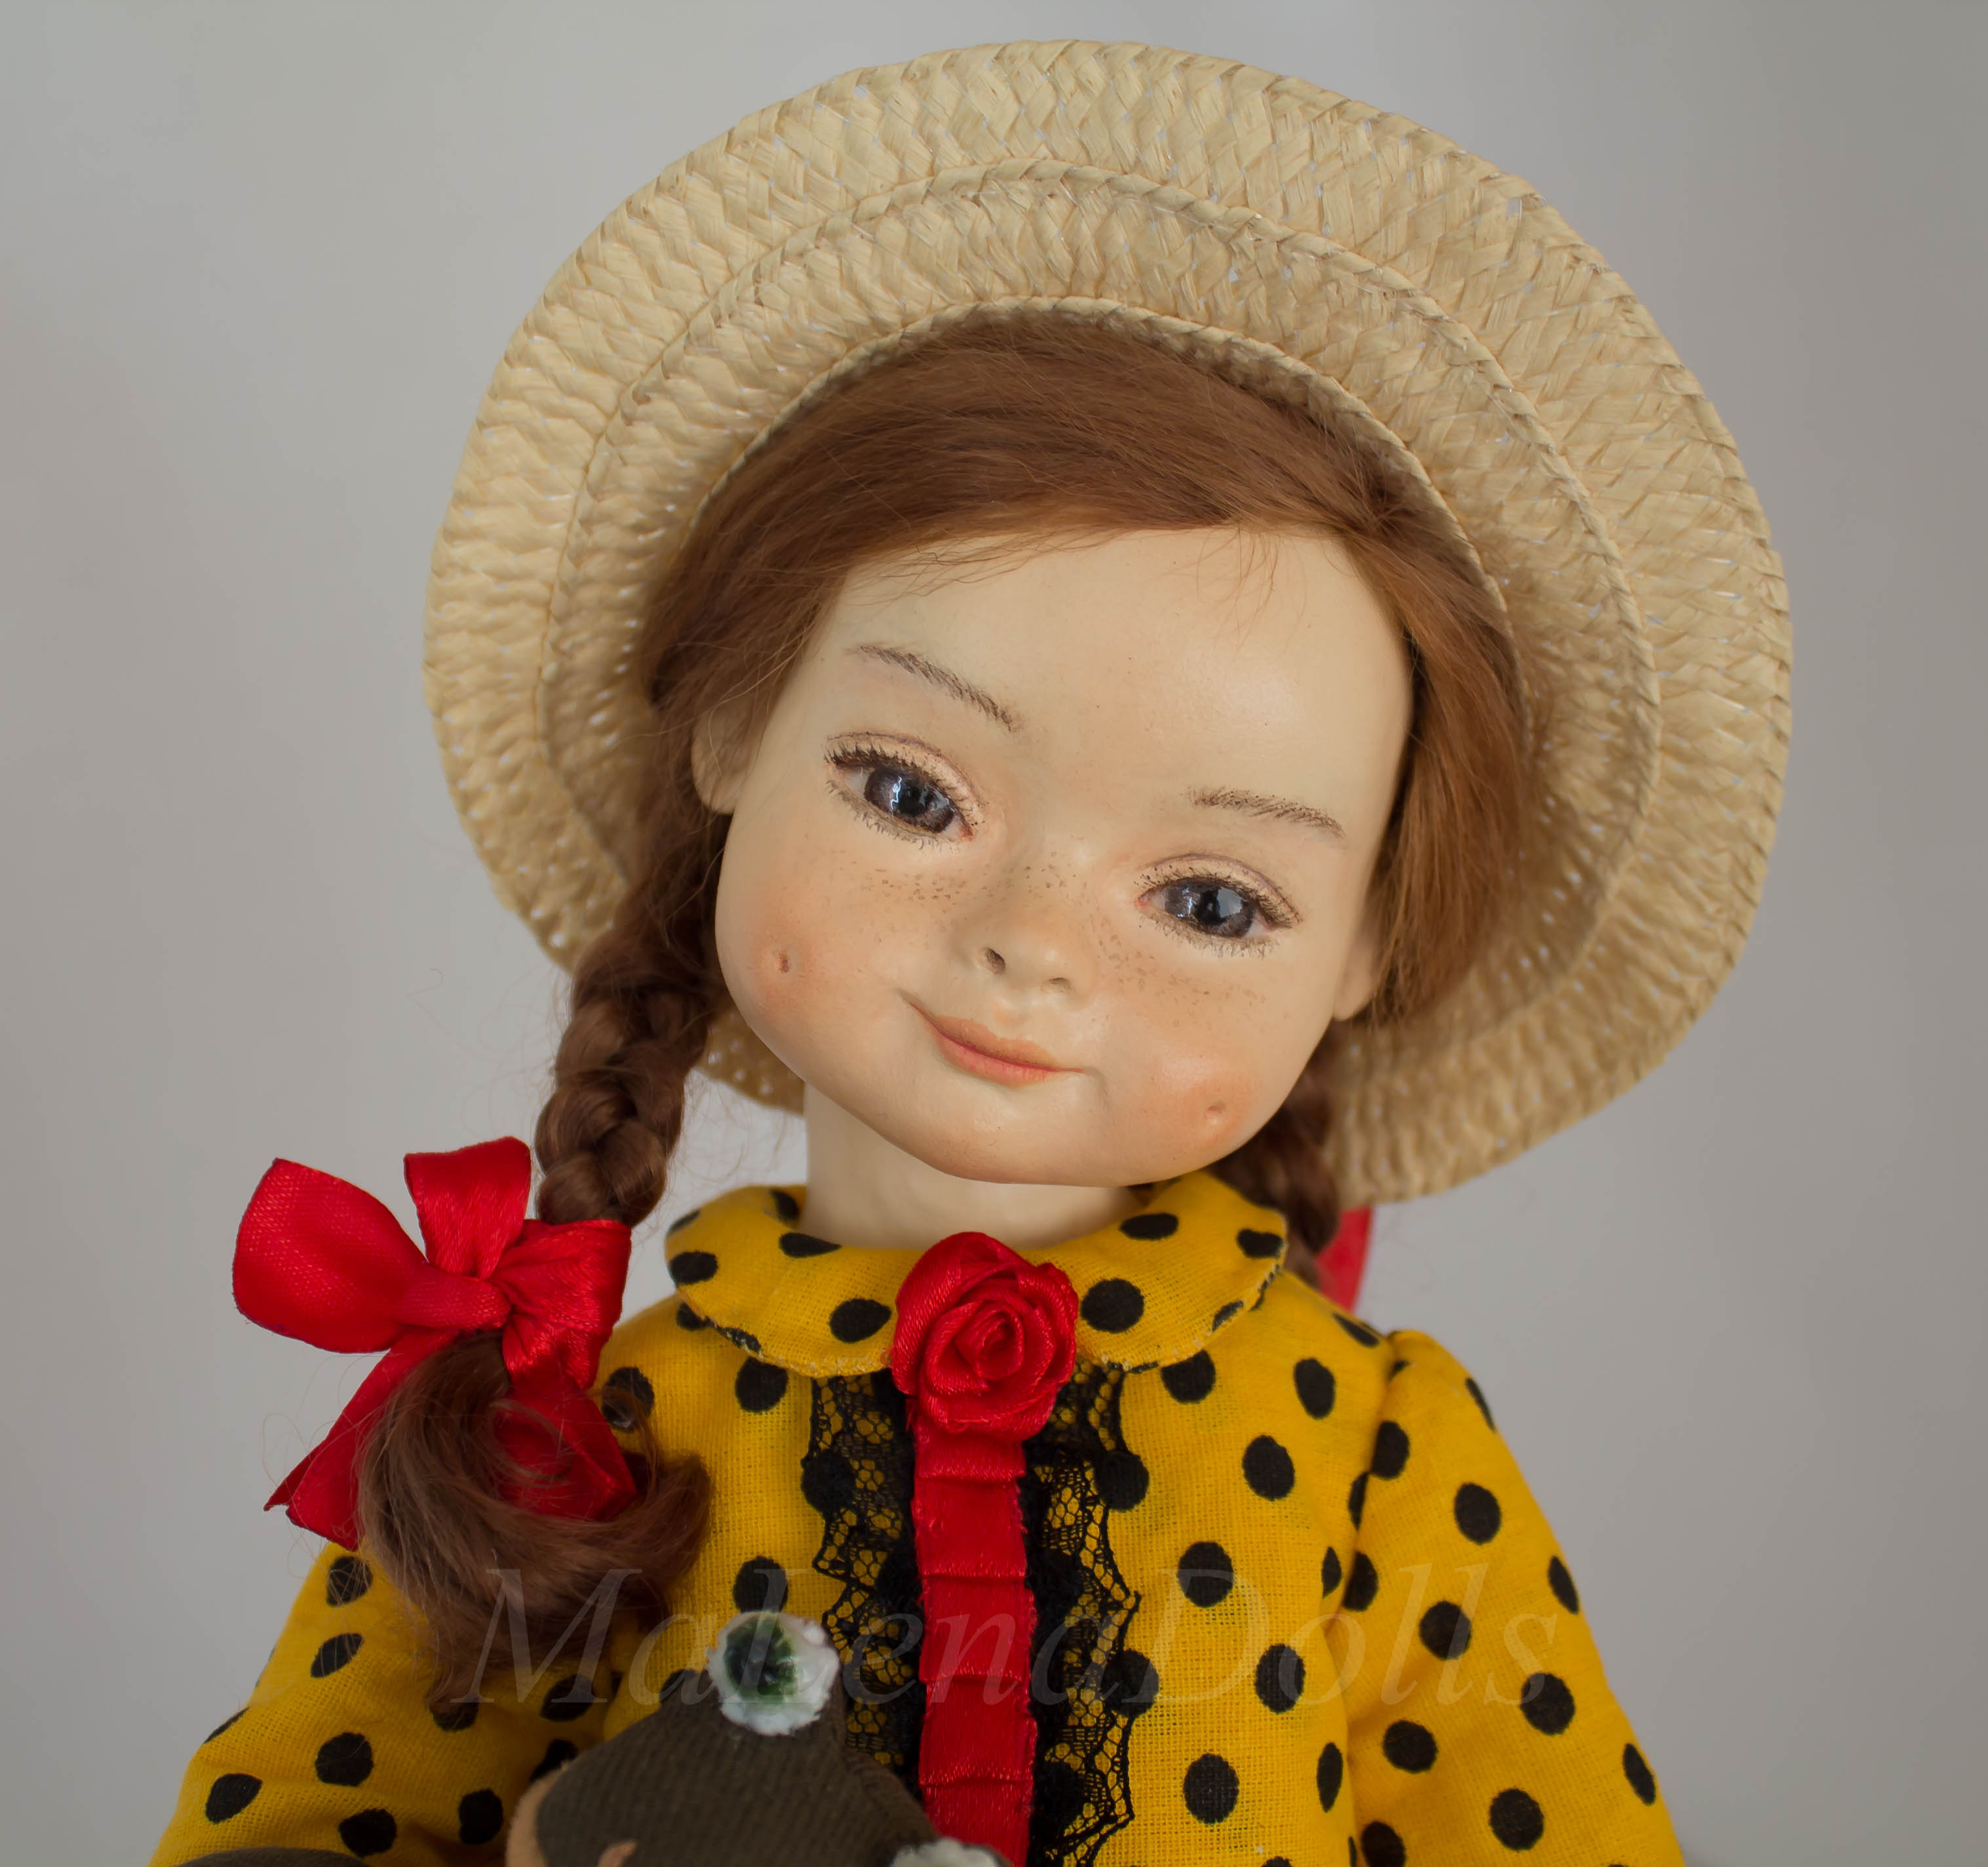 Кристина. Интерьерная кукла MaLenaDolls